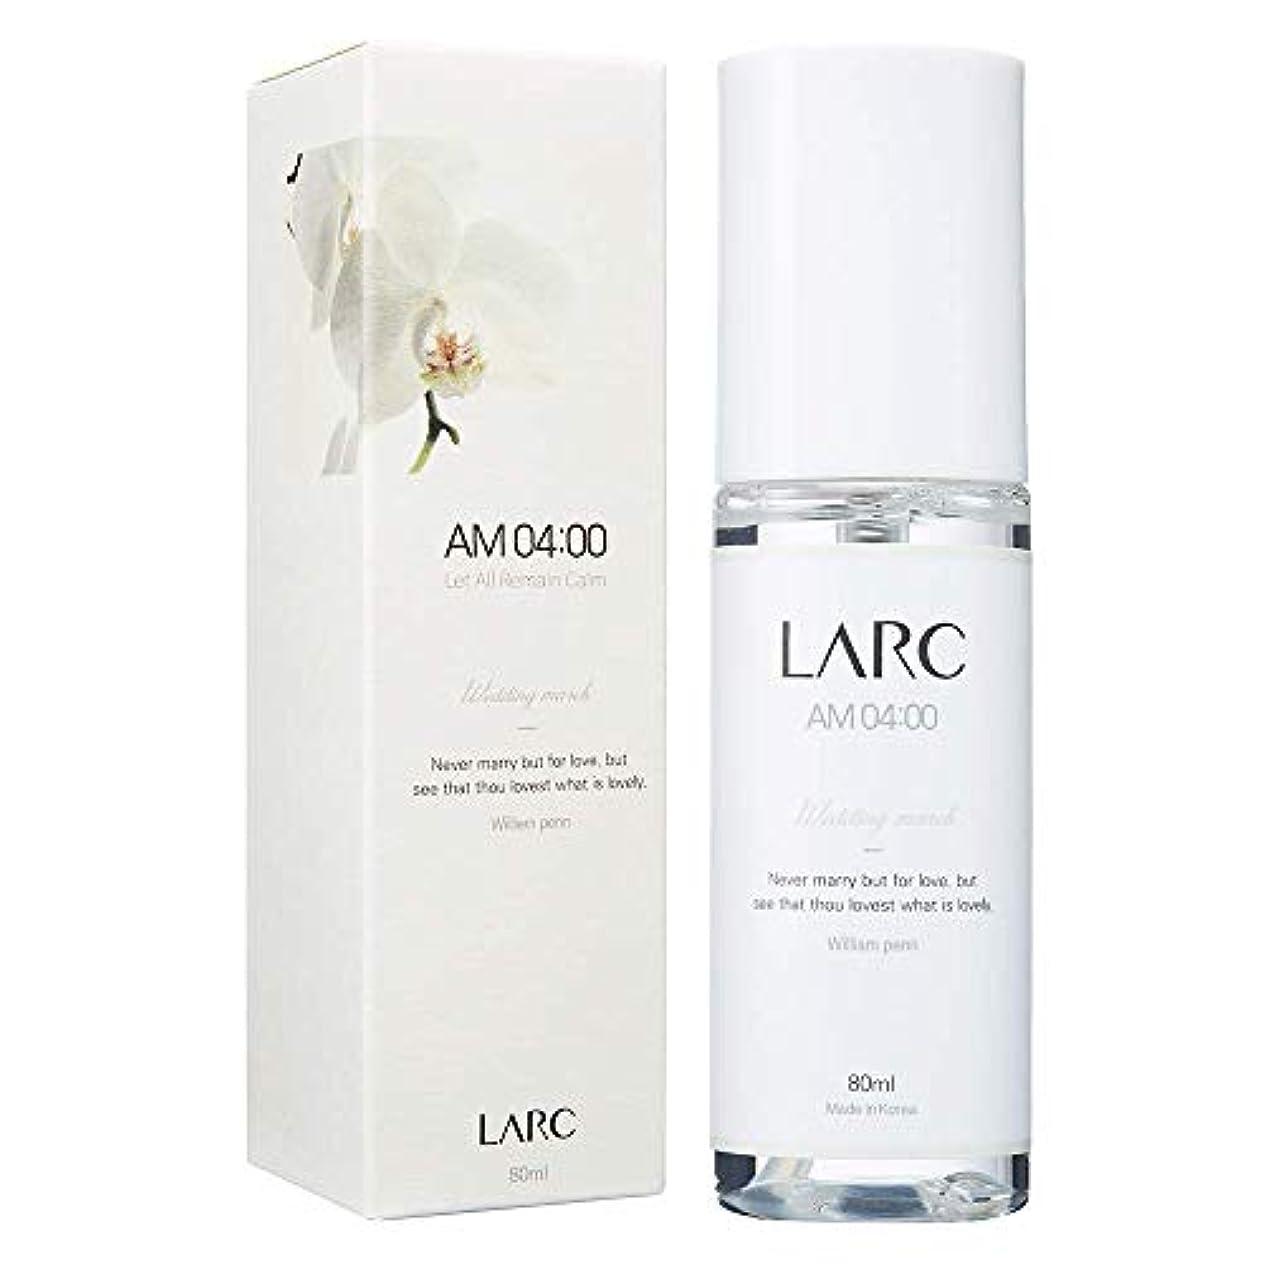 拒否彼の療法LARC ボディミスト 80ml (AM04:00 ウェディングマーチ、午前4時の香り)